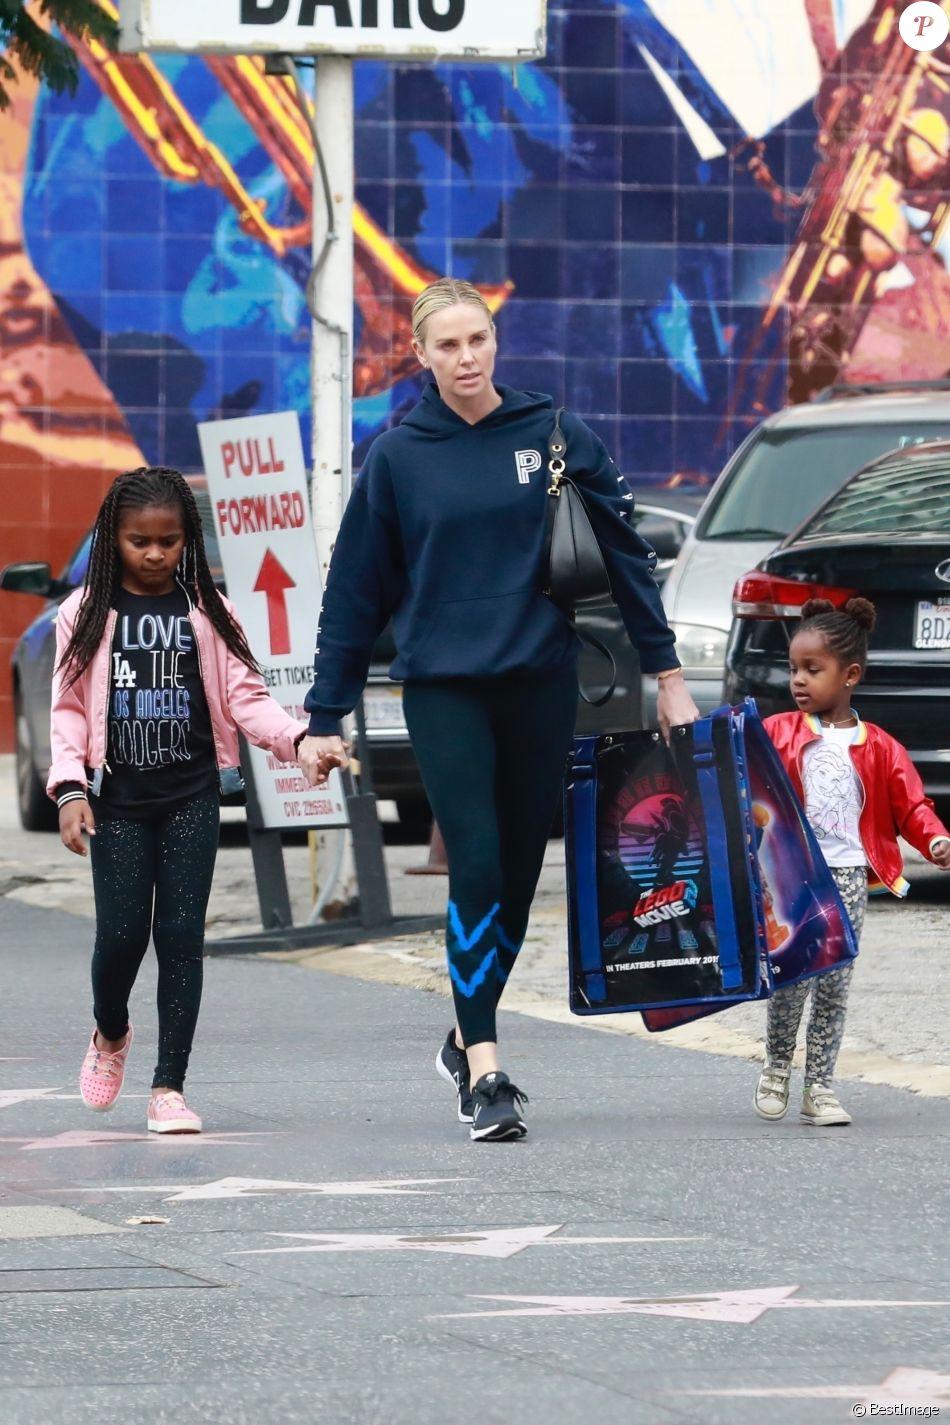 Exclusif - Charlize Theron avec ses enfants Jackson et August se rendent à la première du film Lego movie 2 à Hollywood le 1er février, 2019